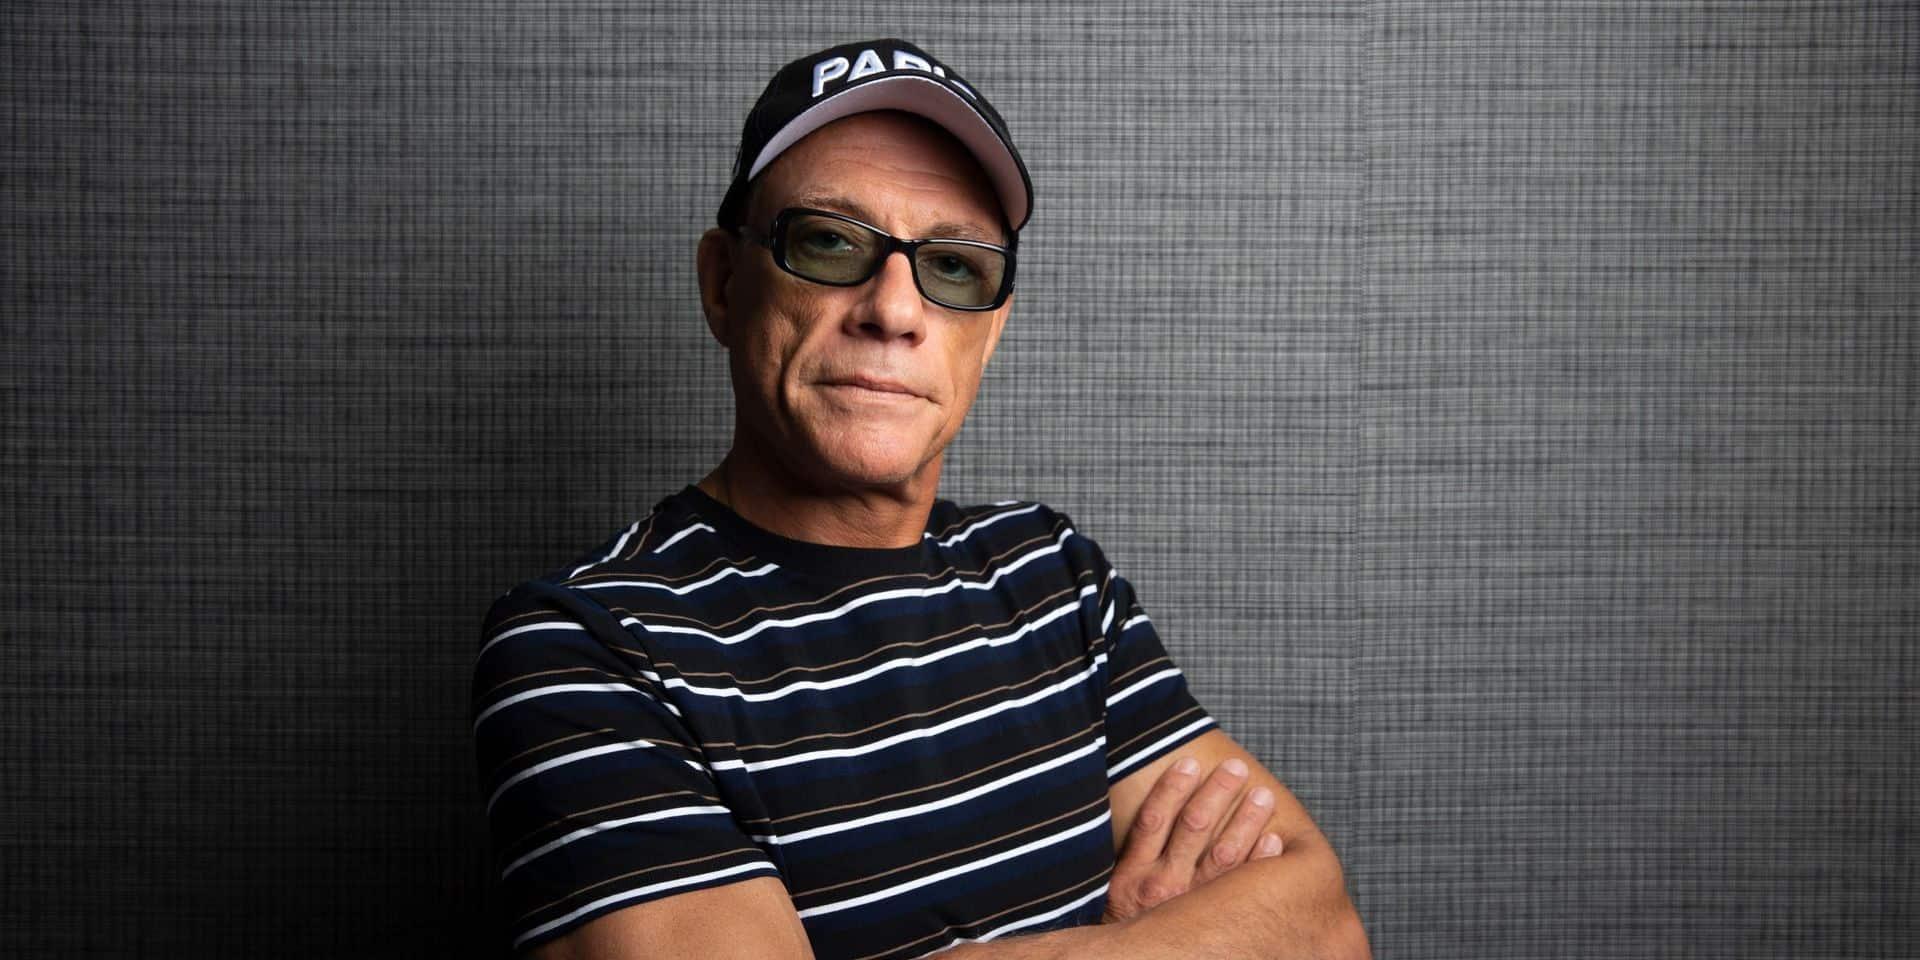 Braquage d'une bijouterie à Paris: Jean-Claude Van Damme aide le malfrat à son insu